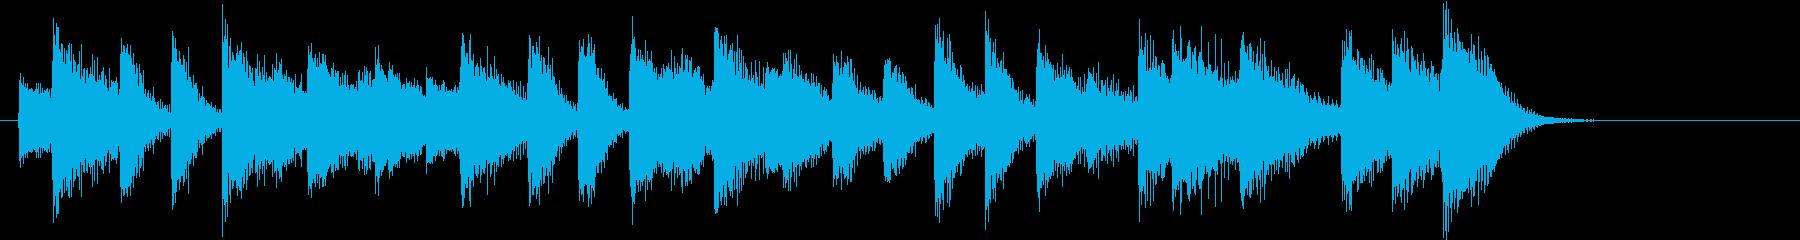 ブルース♪童謡・春よ来いピアノジングルAの再生済みの波形